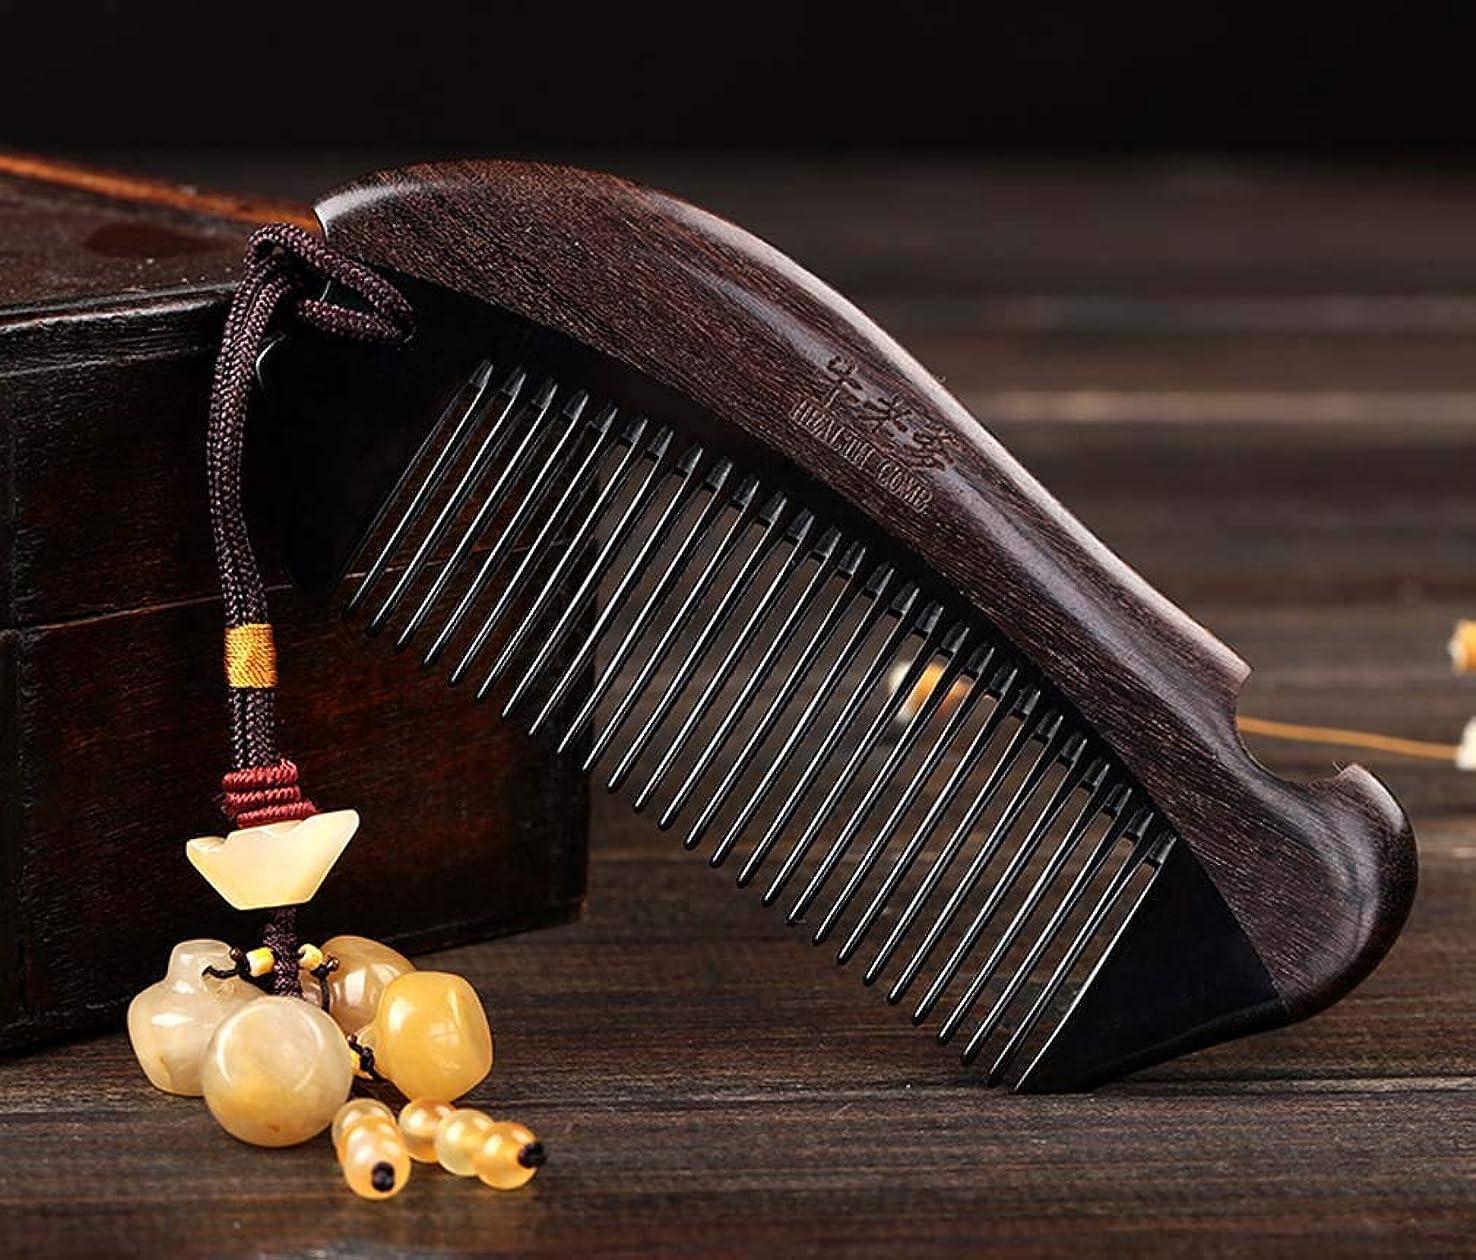 返還付録革命的手作りのウッドコーム-ふけ防止、非静的、環境に優しい-頭皮と髪の健康に最適